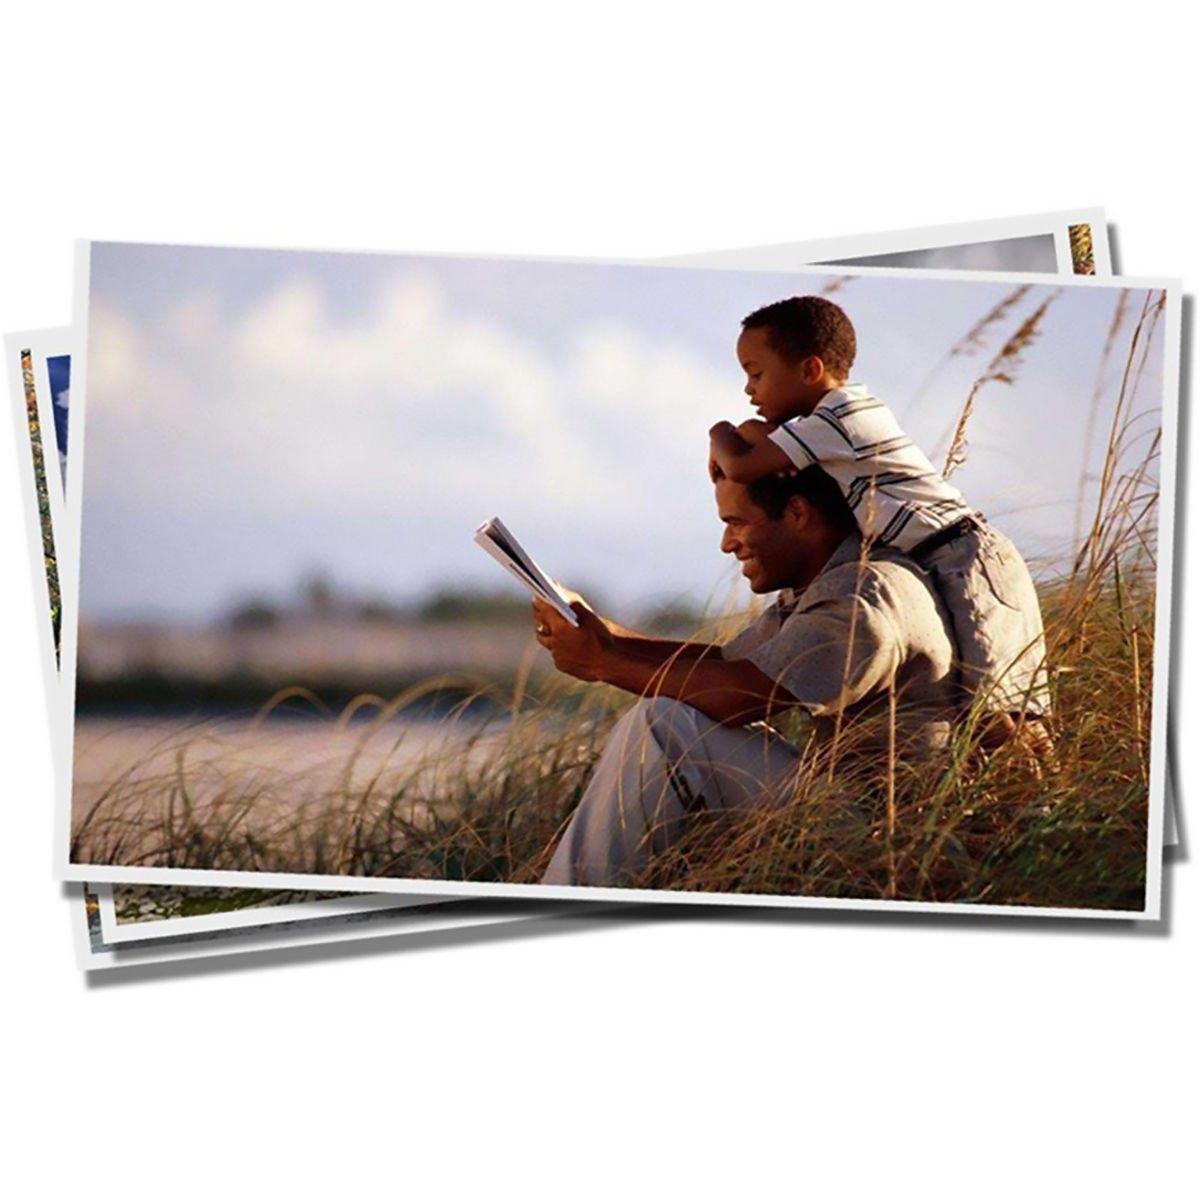 Papel Fotográfico A4 135g Glossy Branco Brilhante Resistente à Água / 300 folhas